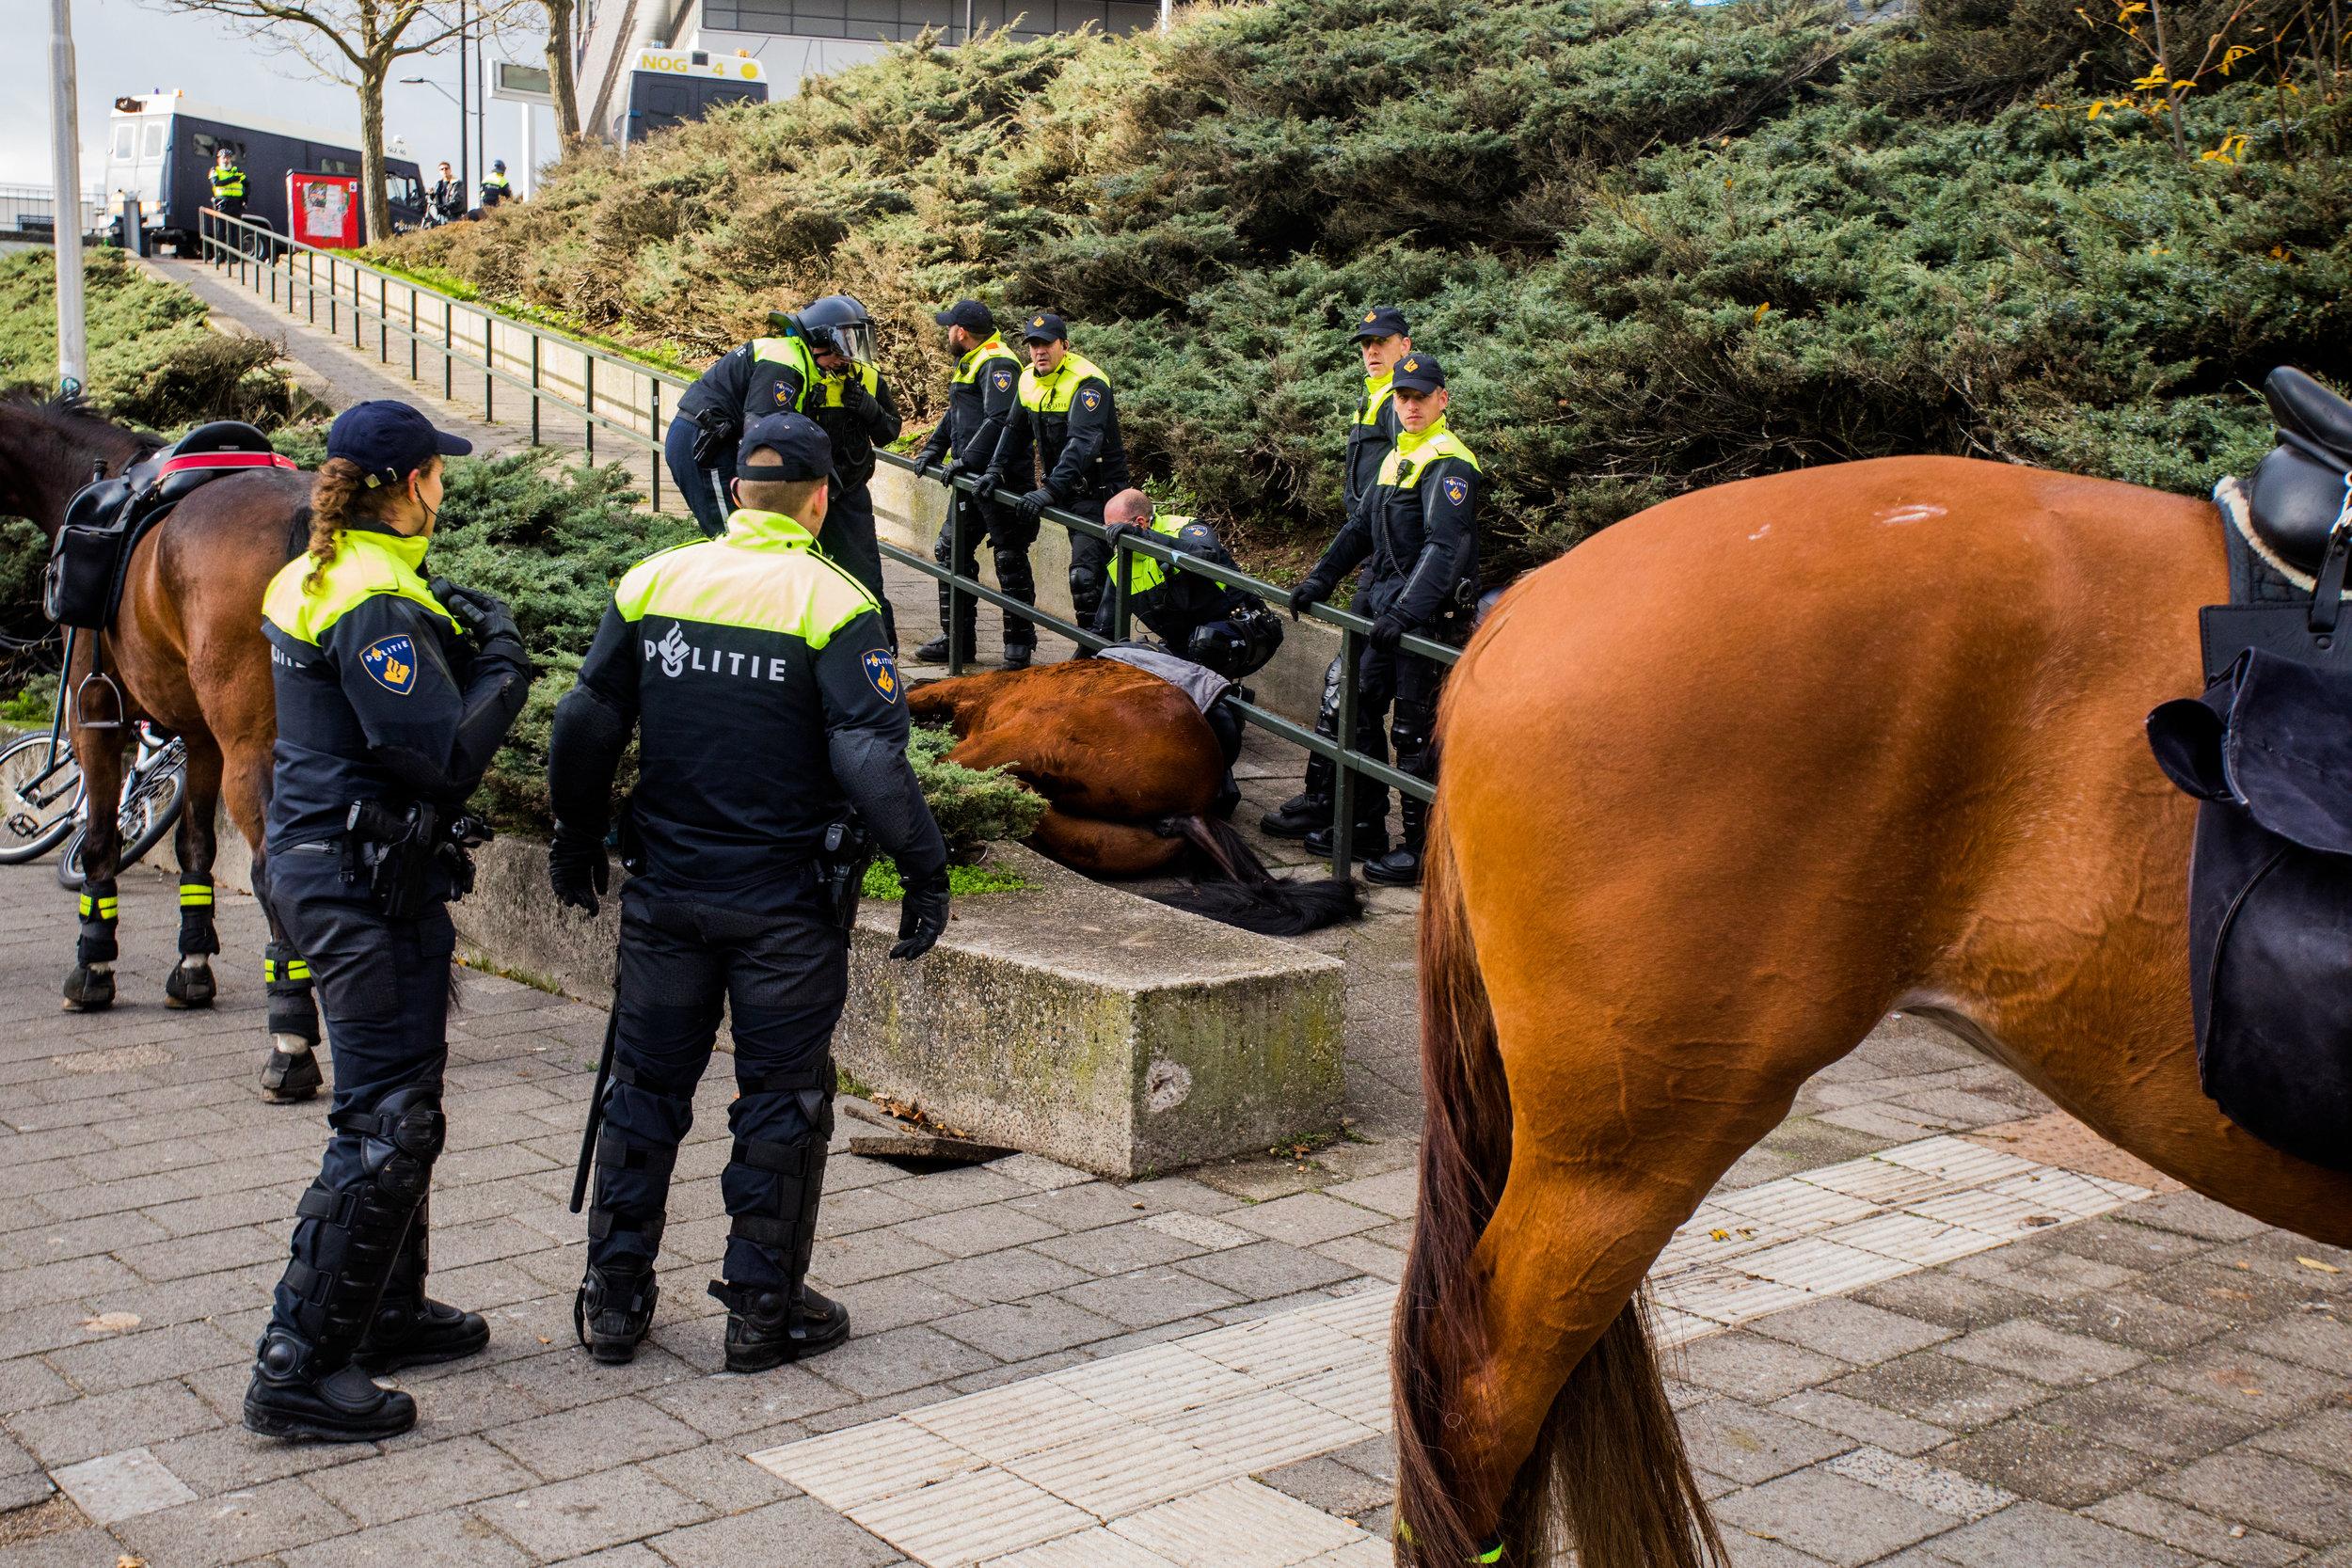 Politiepaard verongelukt tijdens demonstratie